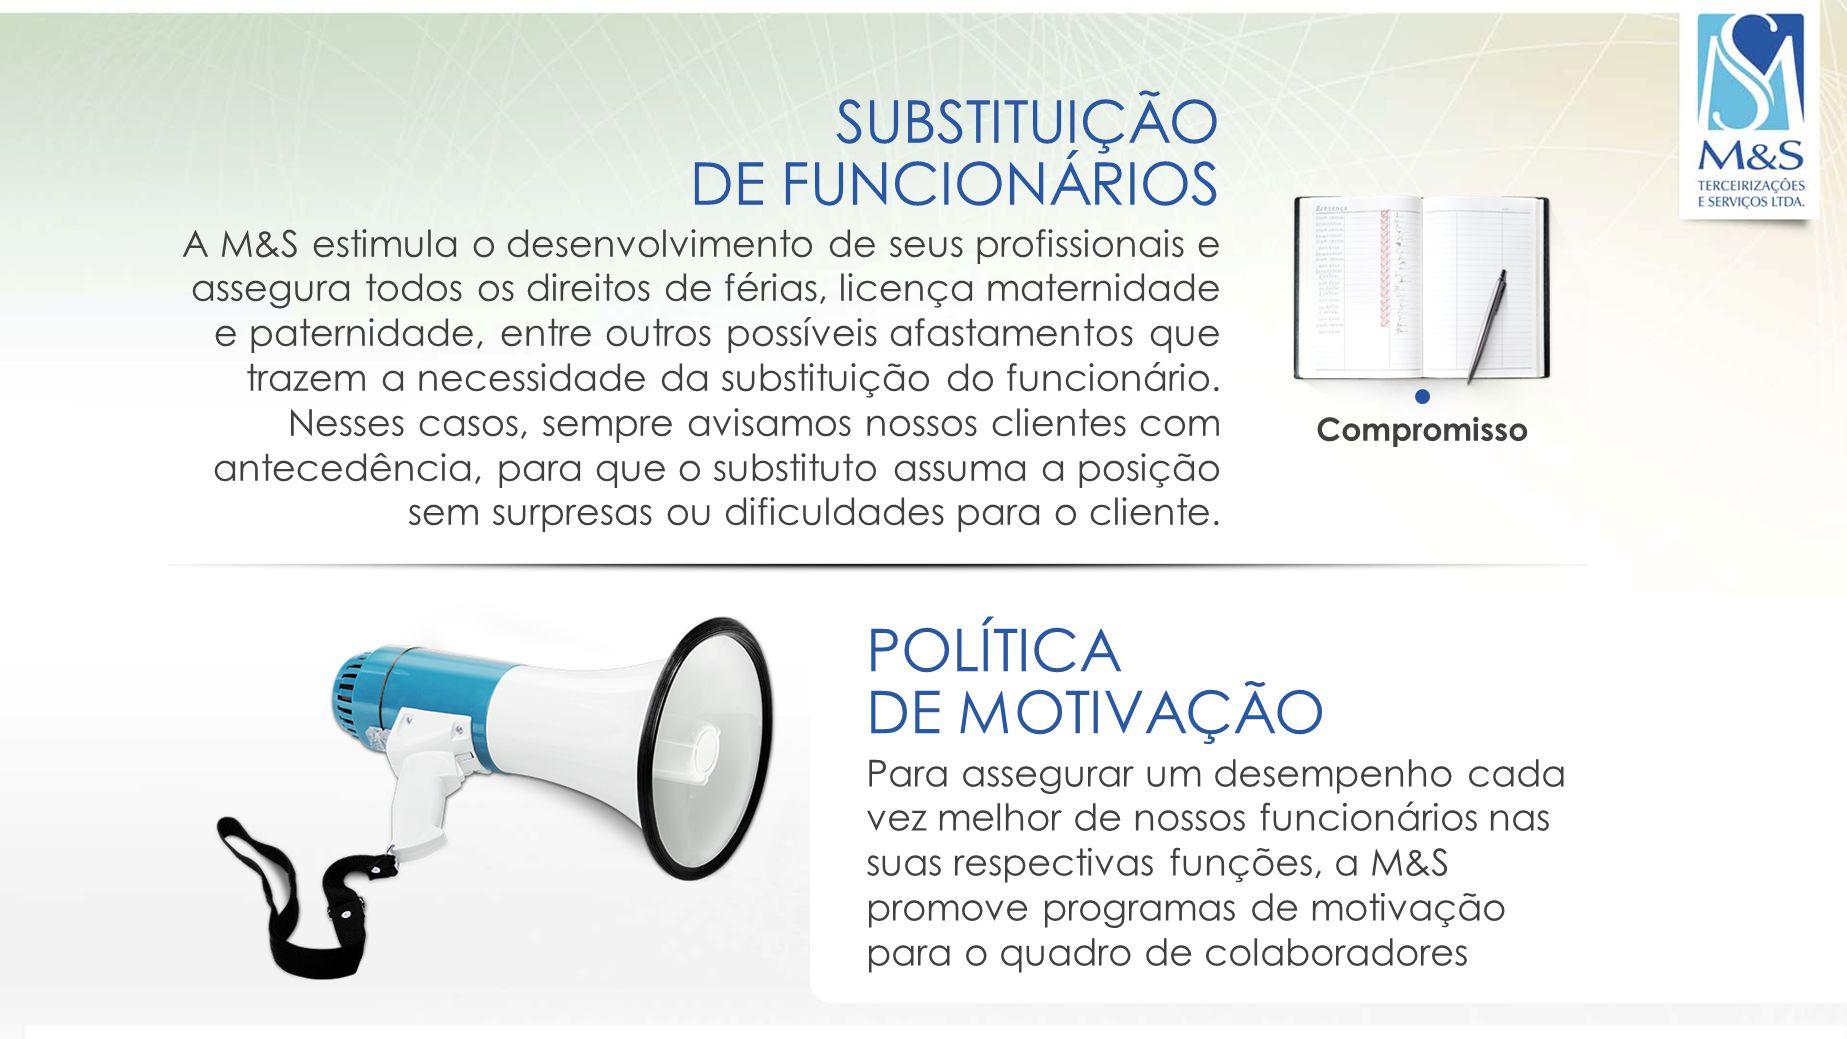 SUBSTITUIÇÃO DE FUNCIONÁRIOS